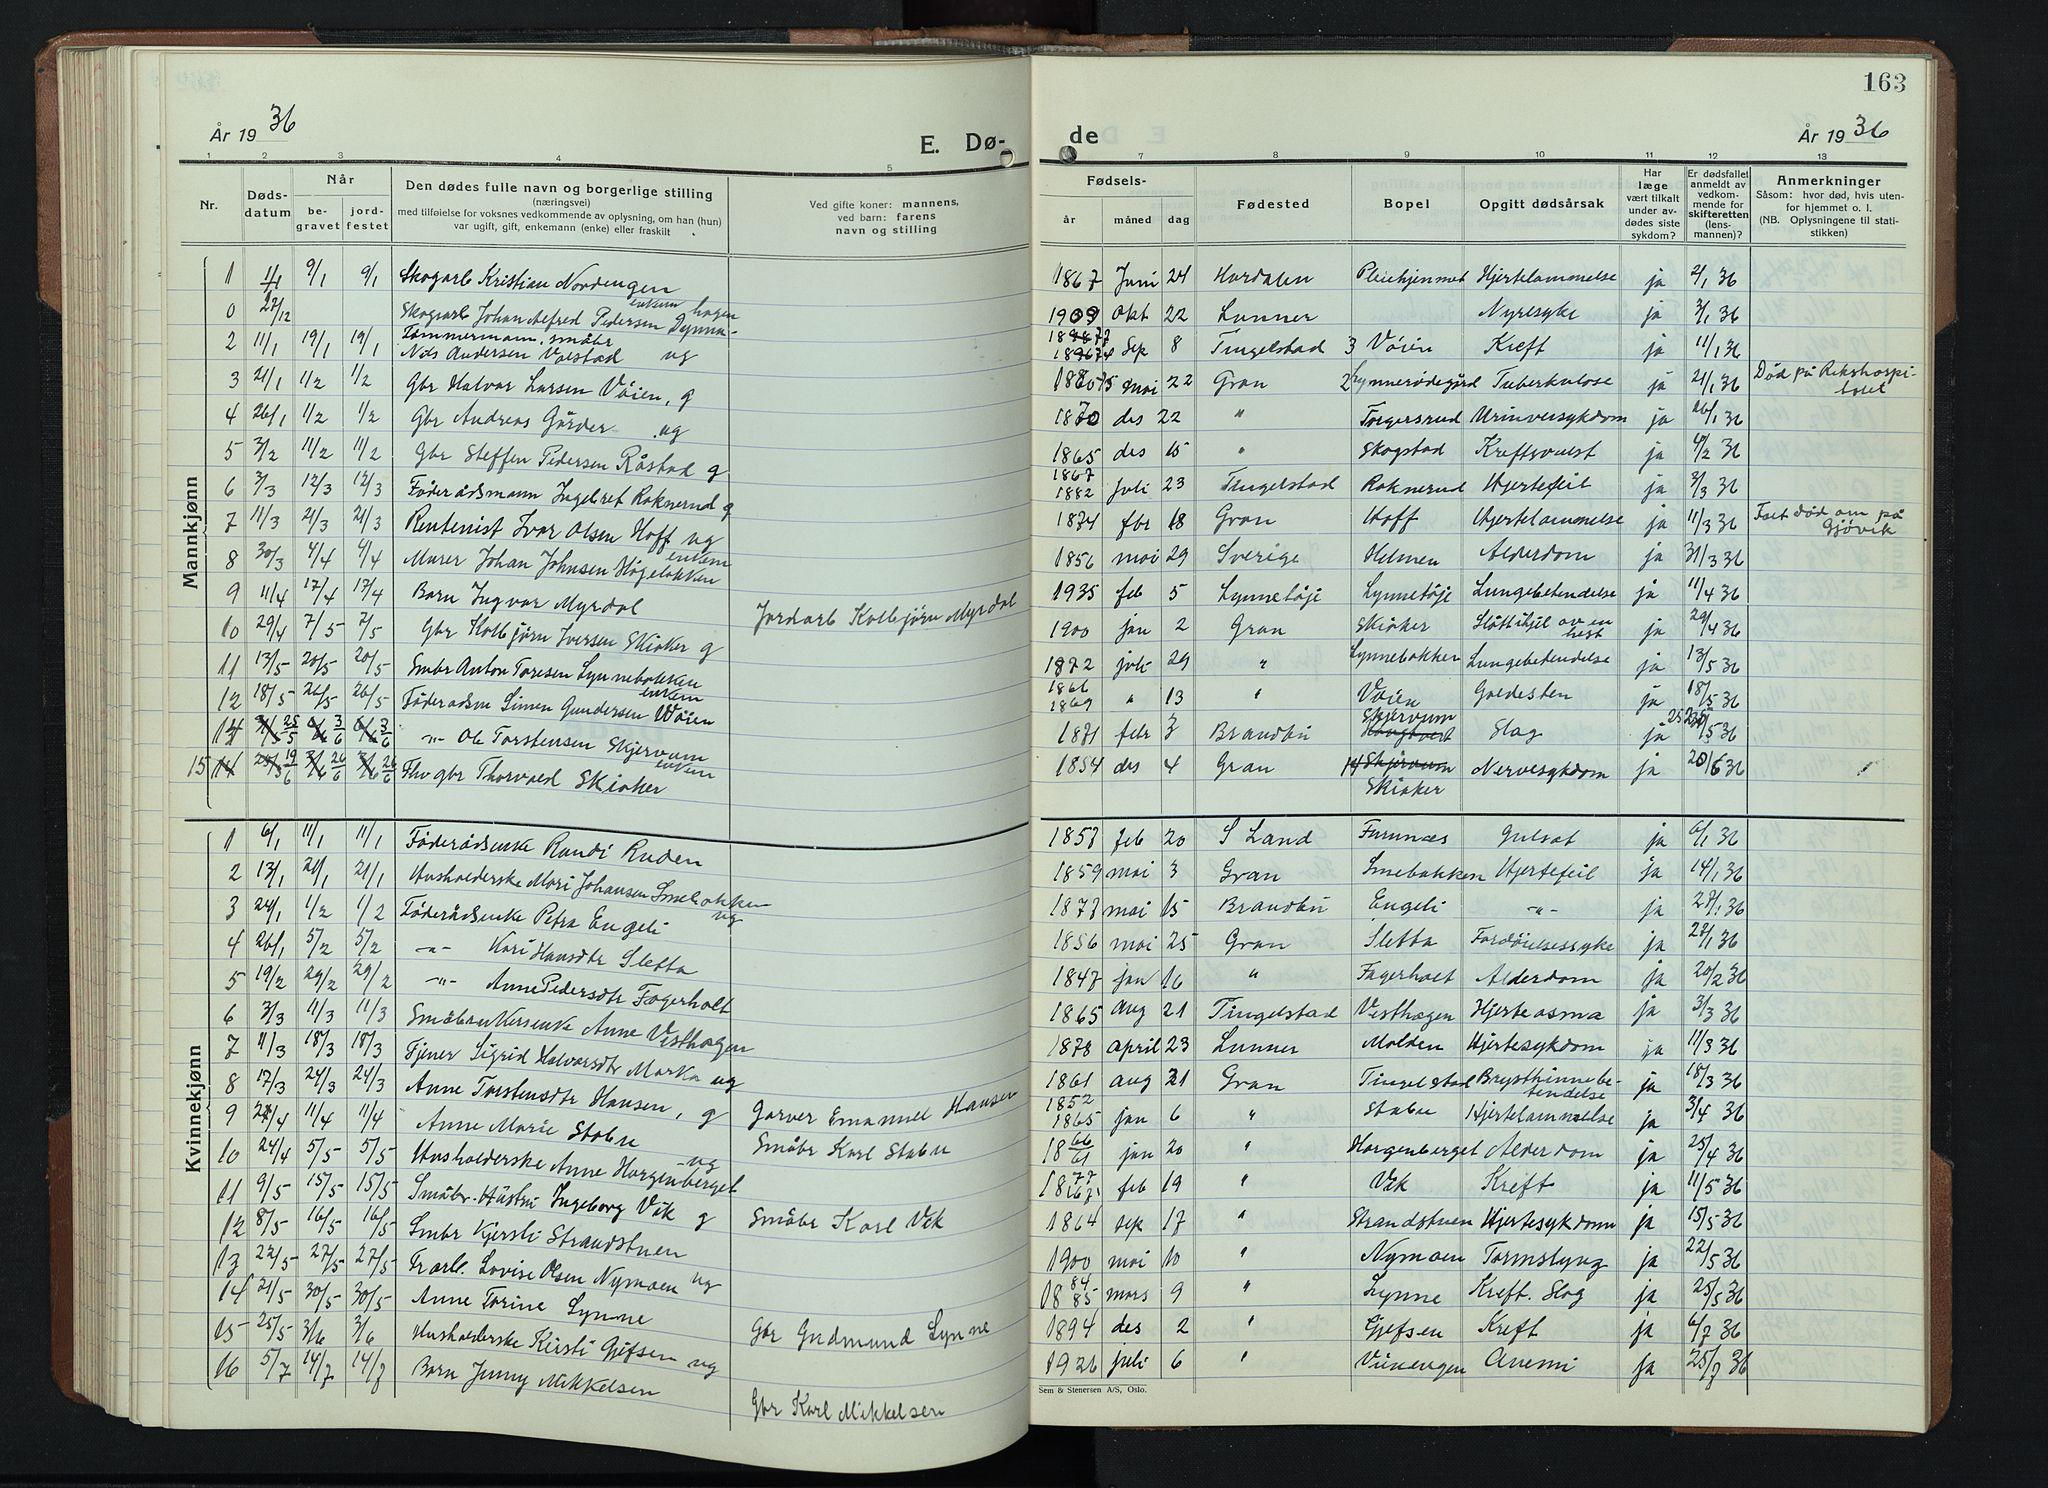 SAH, Gran prestekontor, Klokkerbok nr. 9, 1933-1950, s. 163